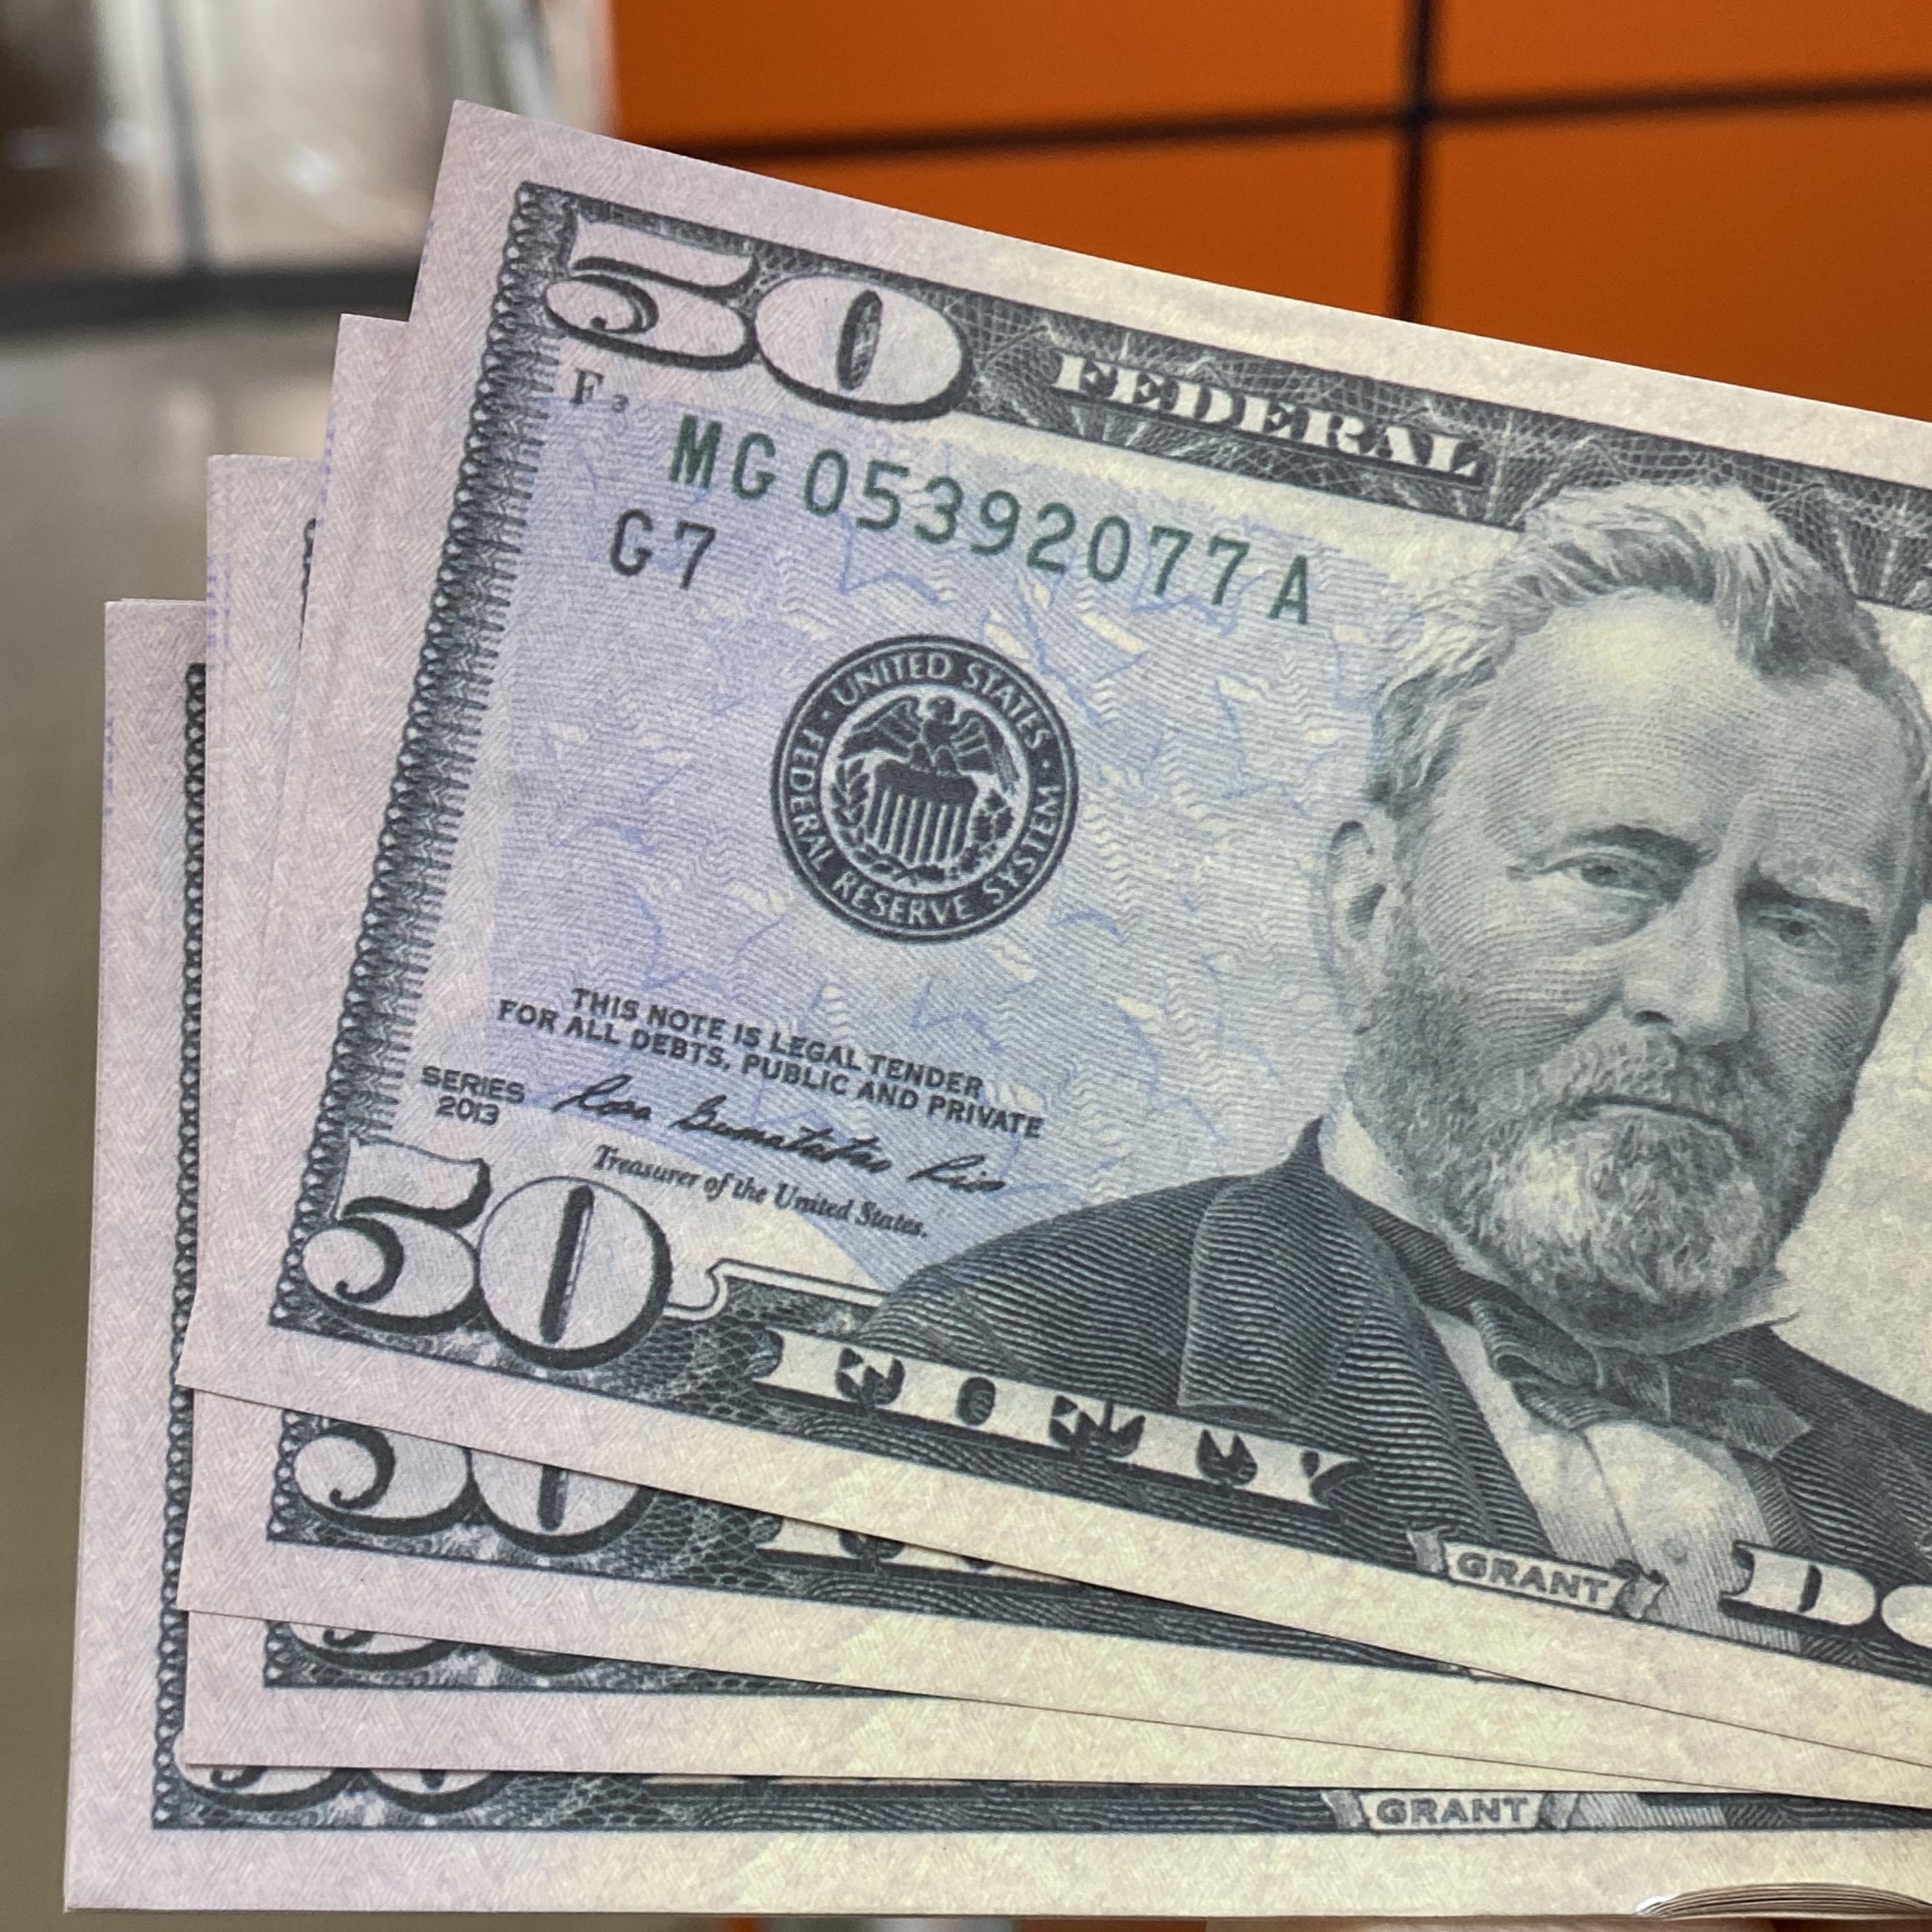 Игрушки Доллары доставки Банкноты 100 США Детская вечеринка США Контрафактные реквизиты Курсы валюты / Пакет Быстрая игра AA3 ODLMA